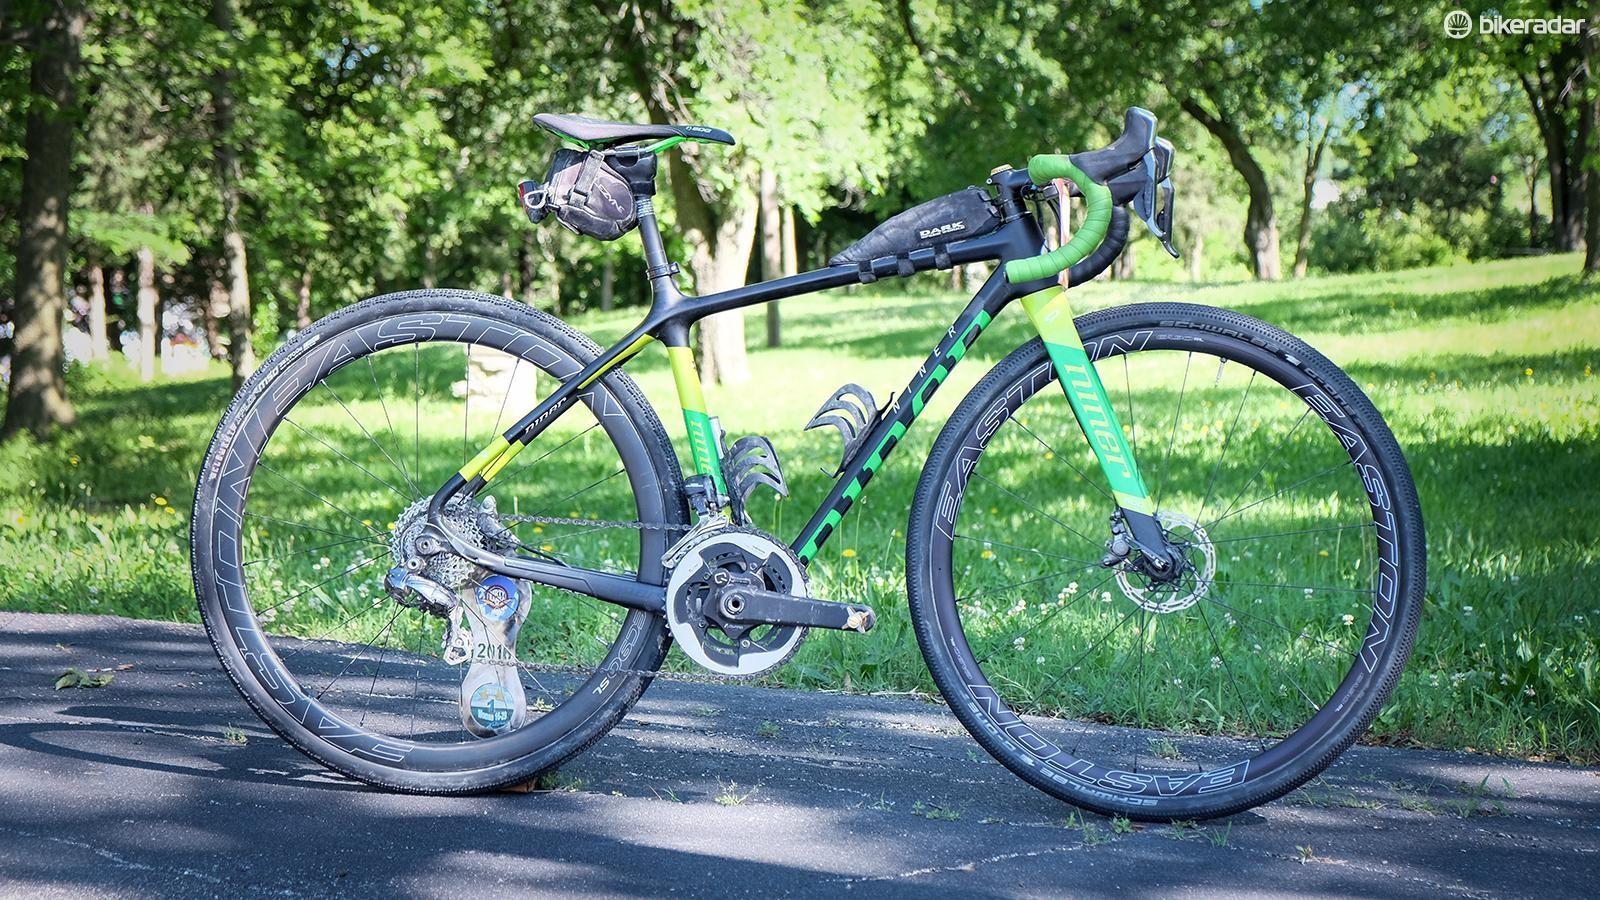 Nauman rides a size 47 BSB 9 RDO